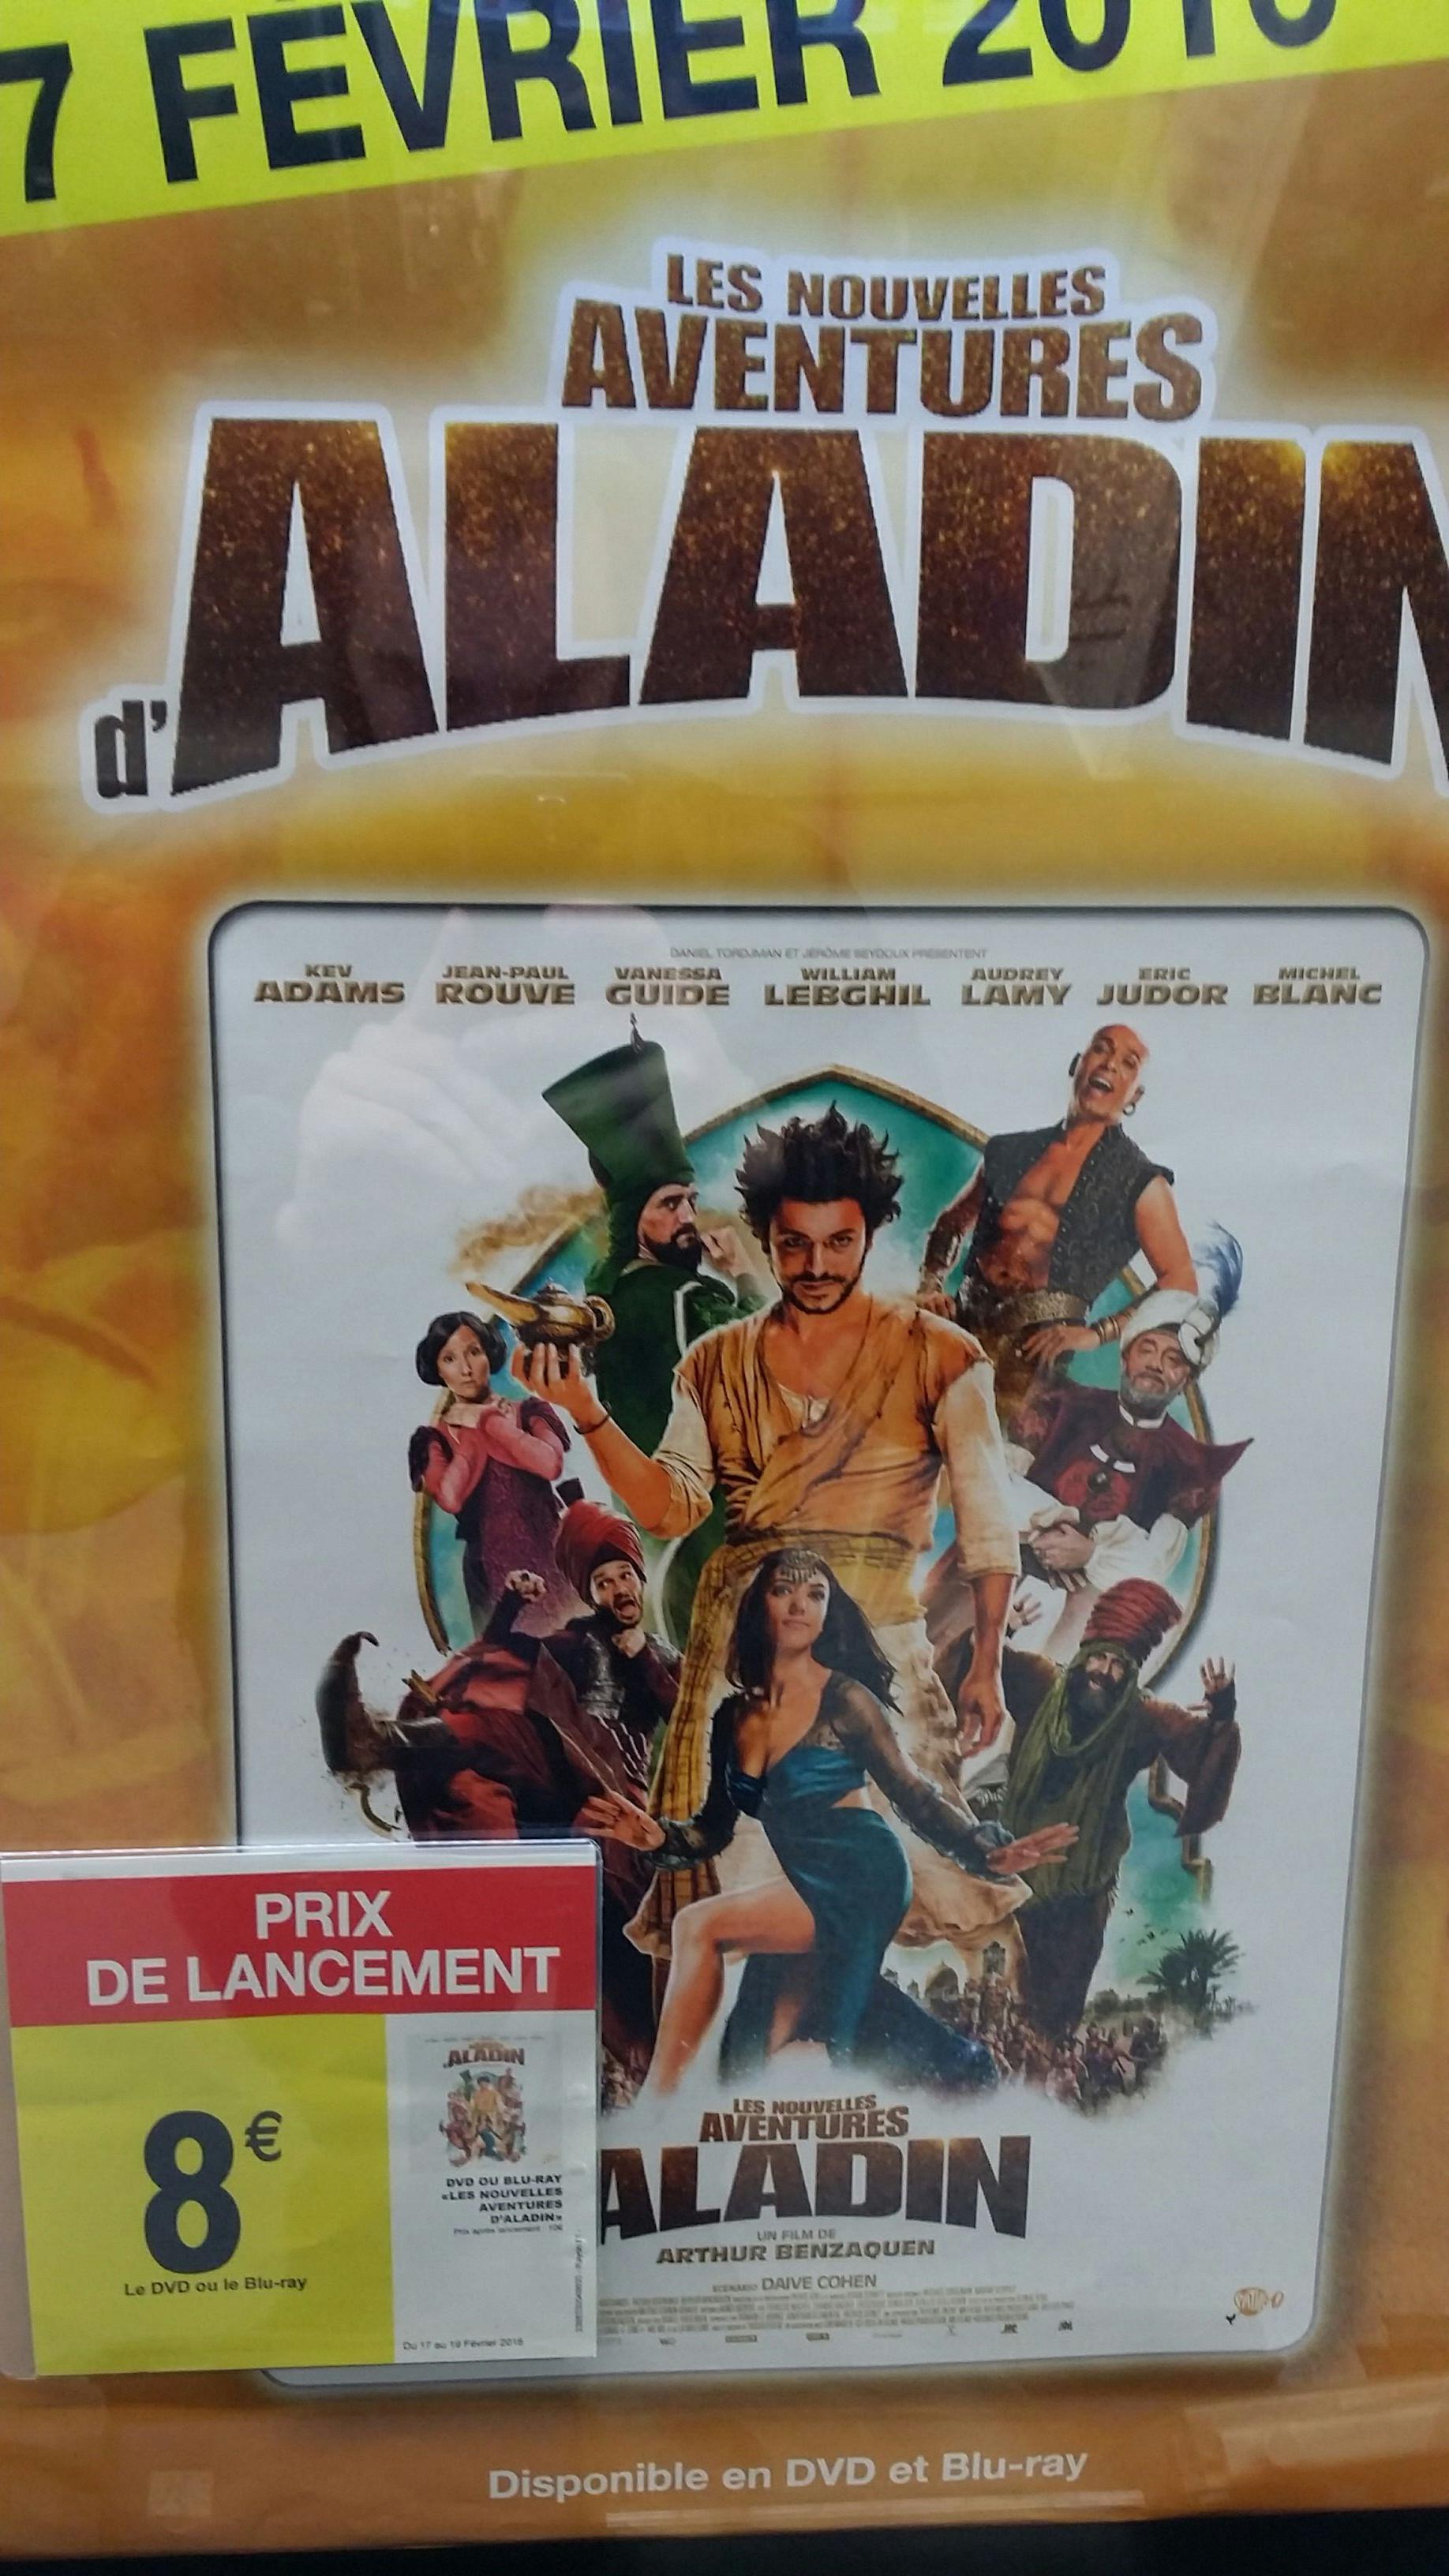 DVD ou Blu-ray : Les nouvelles aventures d'Aladin